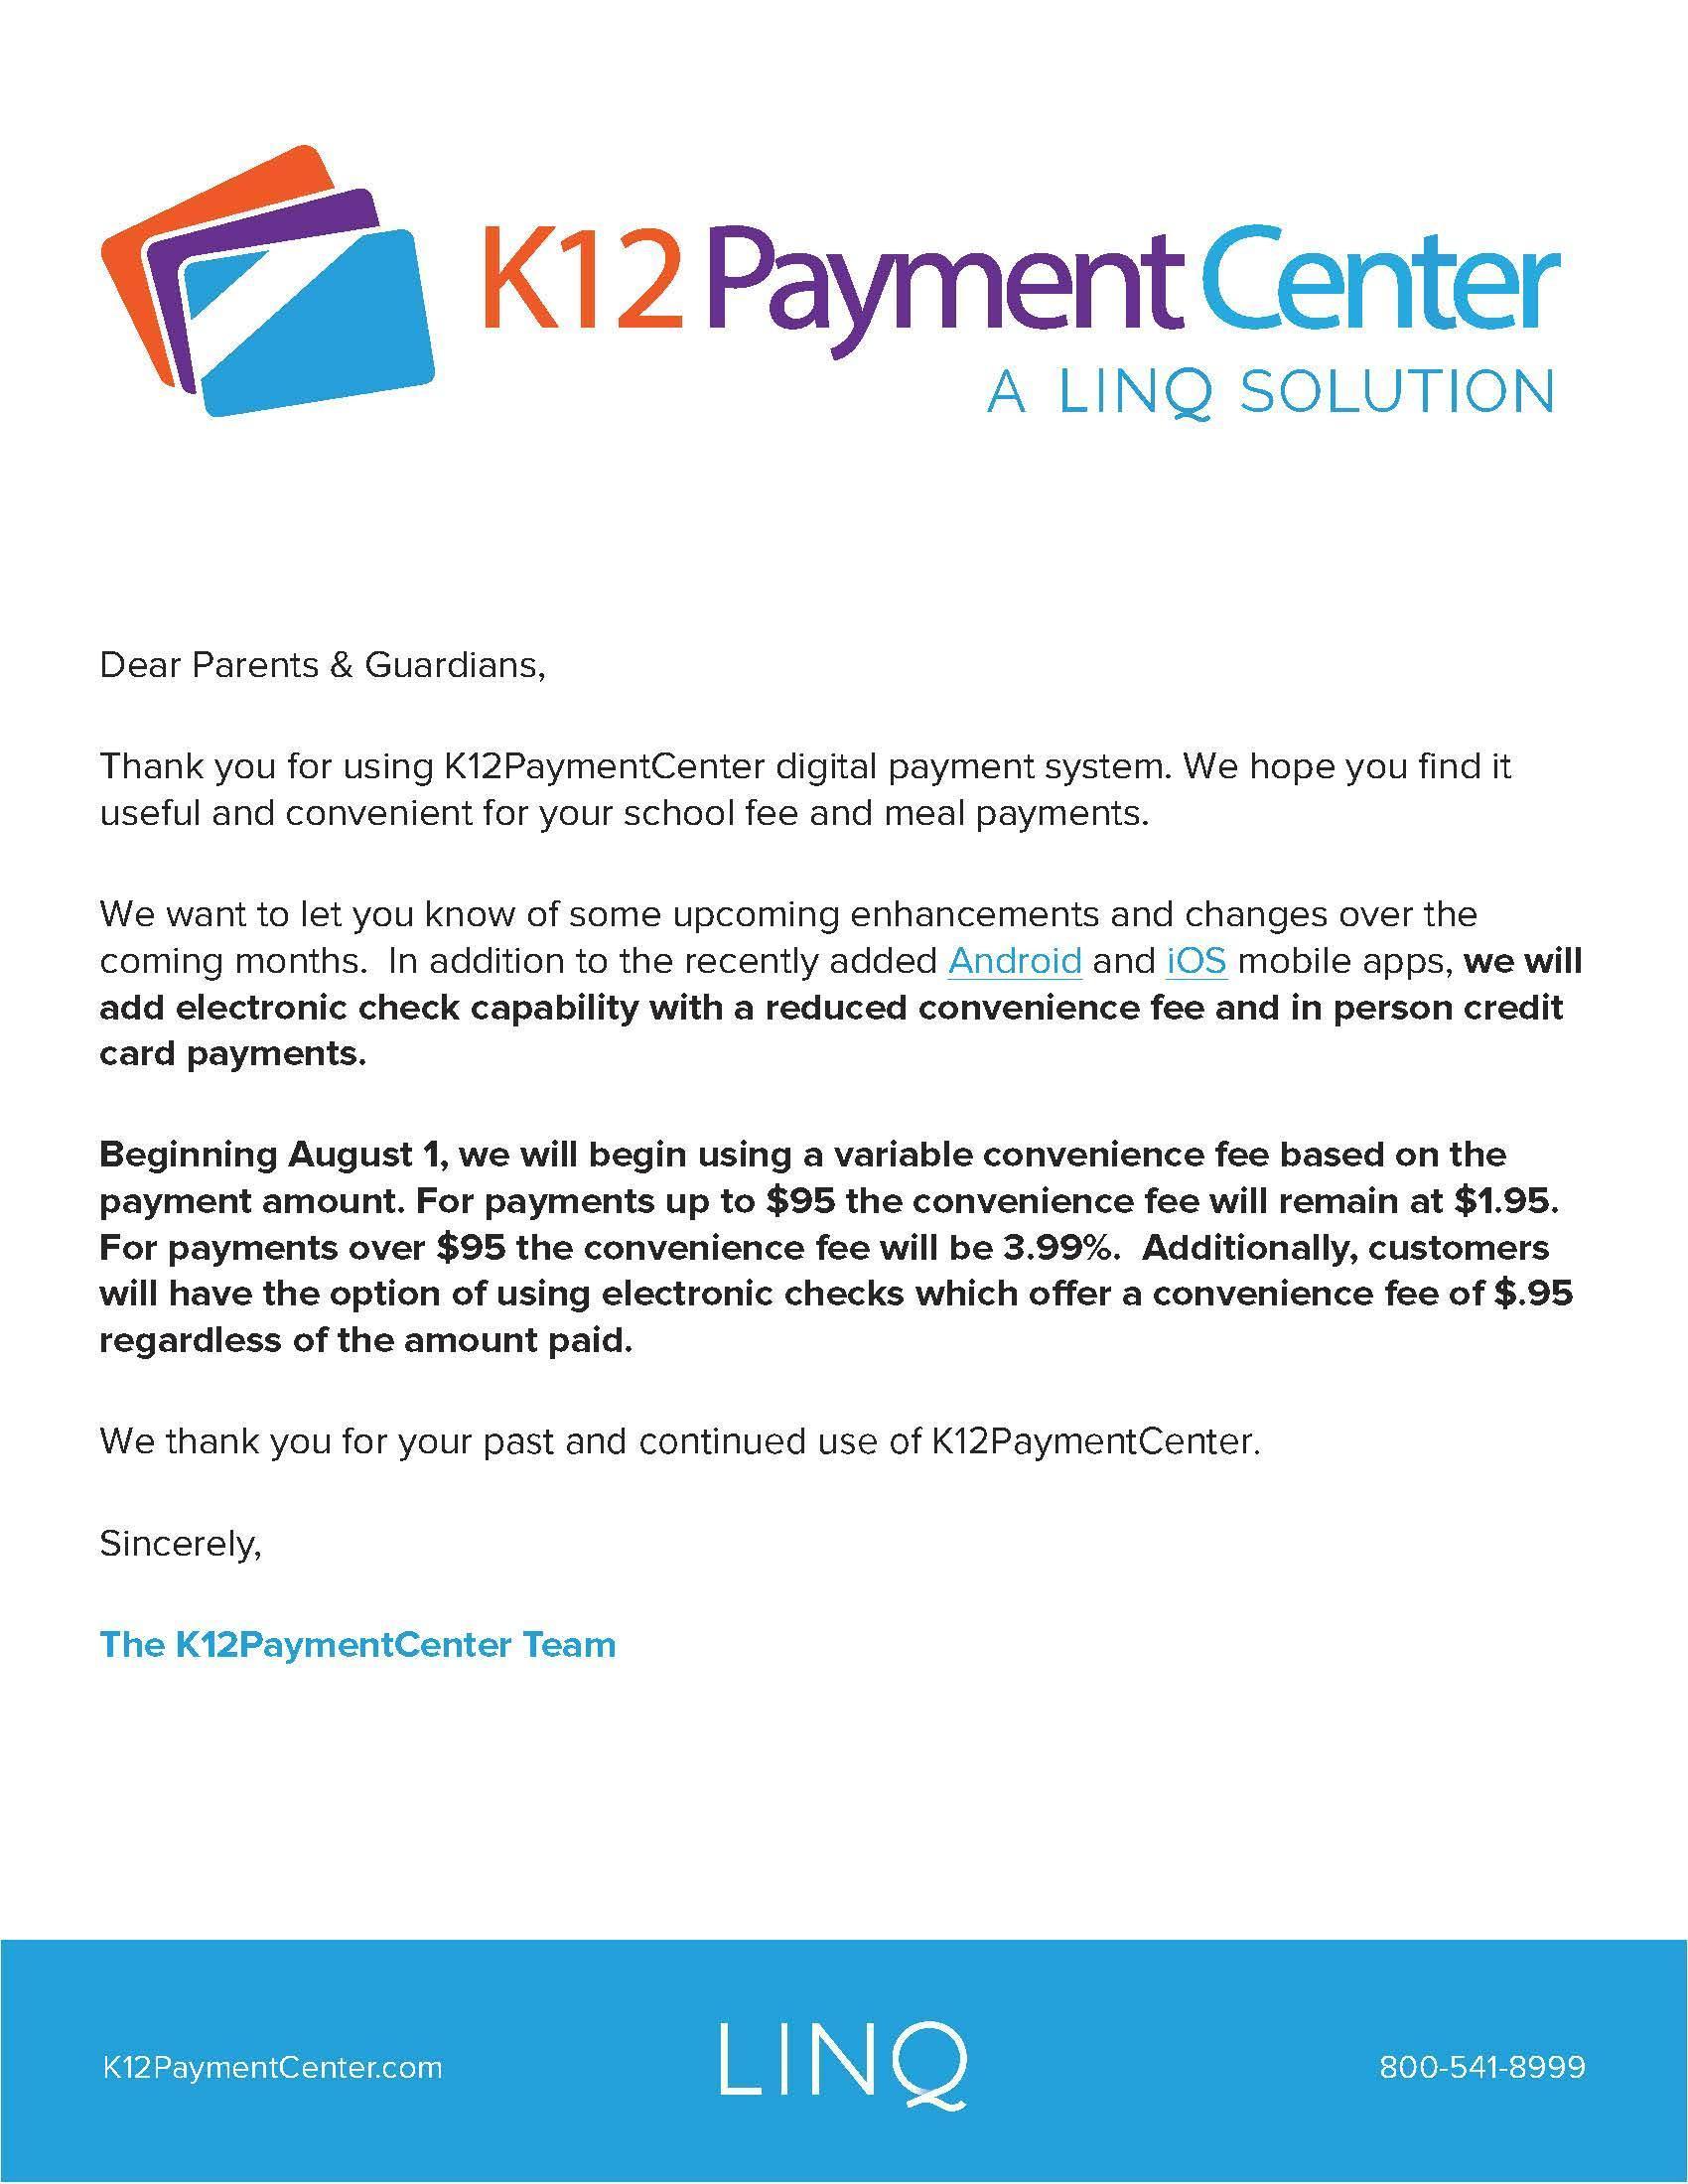 K12 pay info